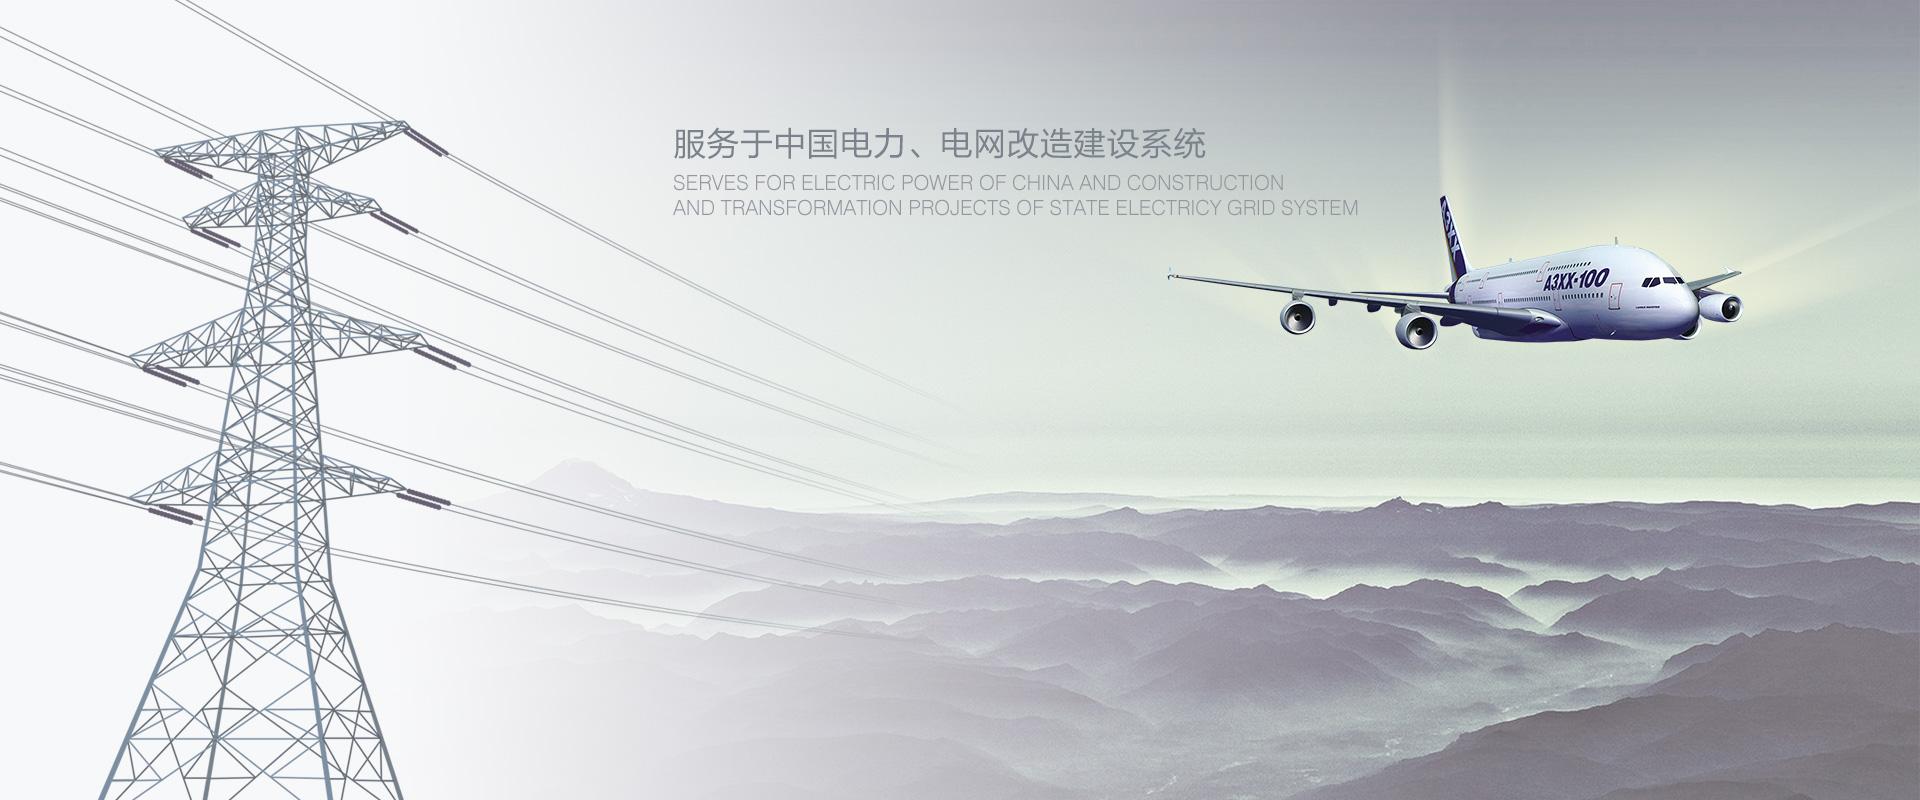 國盟成套(tao)提供︰不銹鋼配(pei)電箱(xiang)、不銹鋼電表箱(xiang)、箱(xiang)式變電站、不銹鋼櫃體、高壓開關櫃、戶外預裝(zhuang)式變電站;歡迎來電咨詢︰0577-62710822;傳真︰0577-62710922